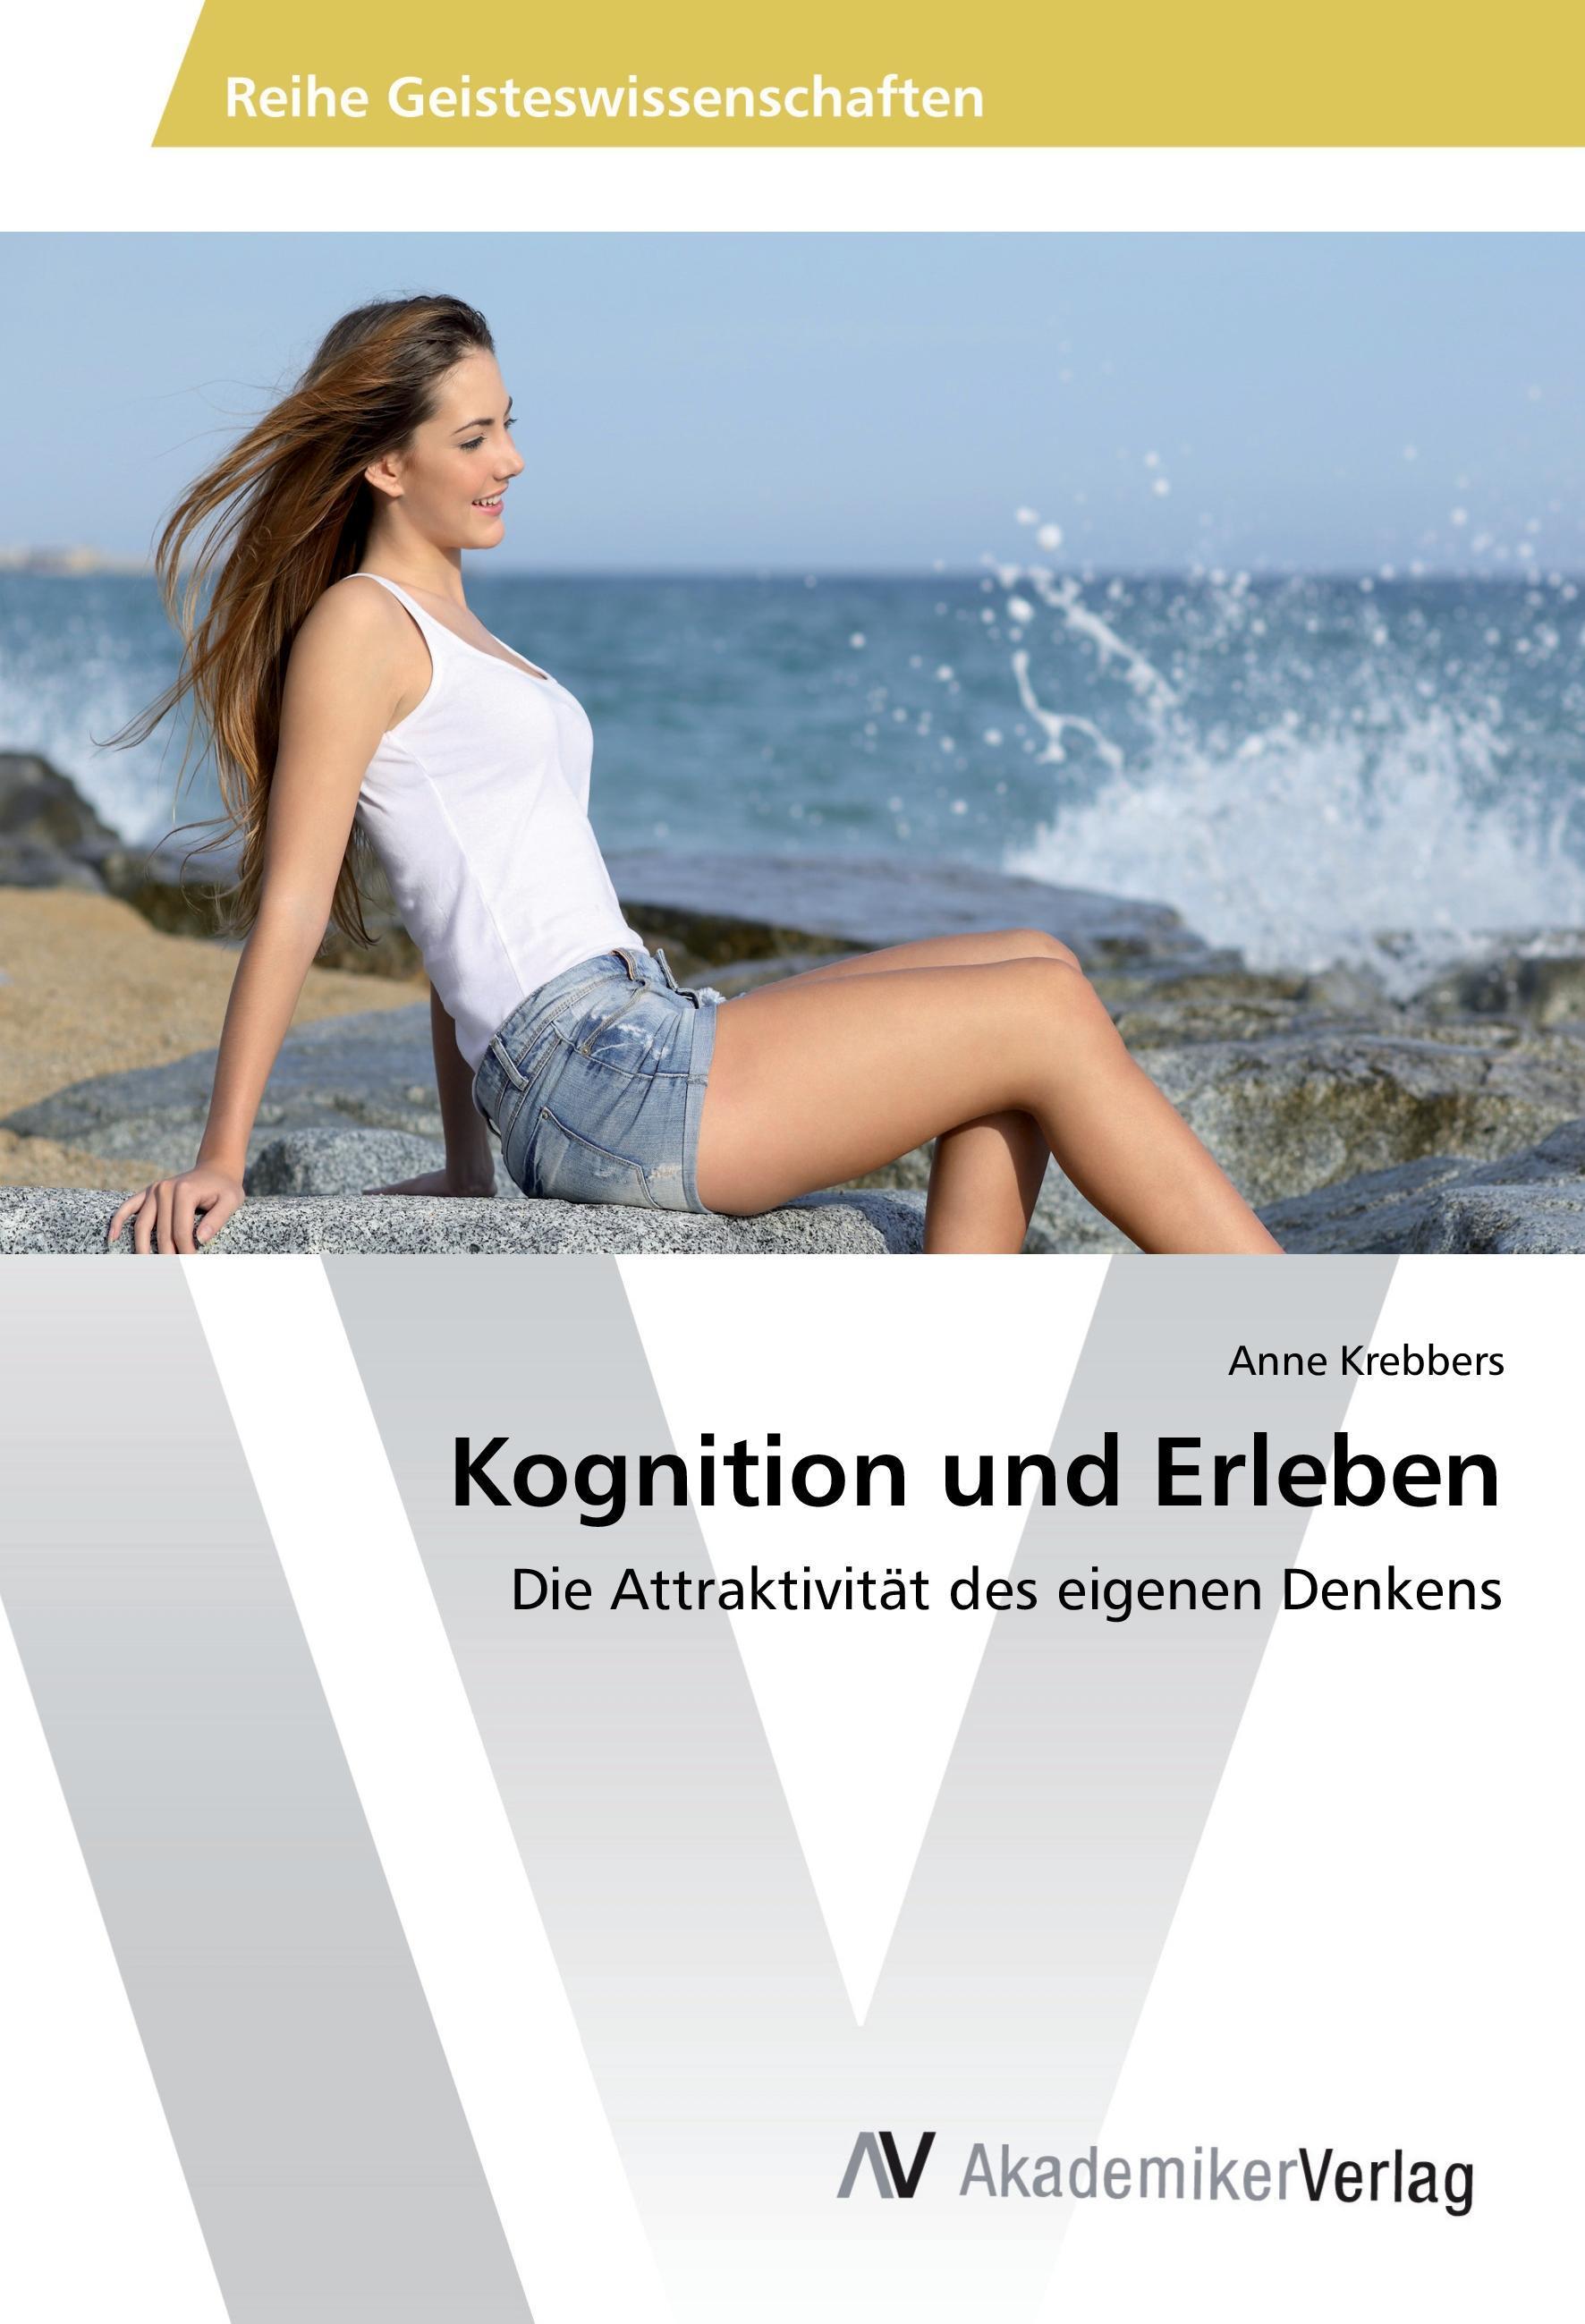 Kognition und Erleben Anne Krebbers